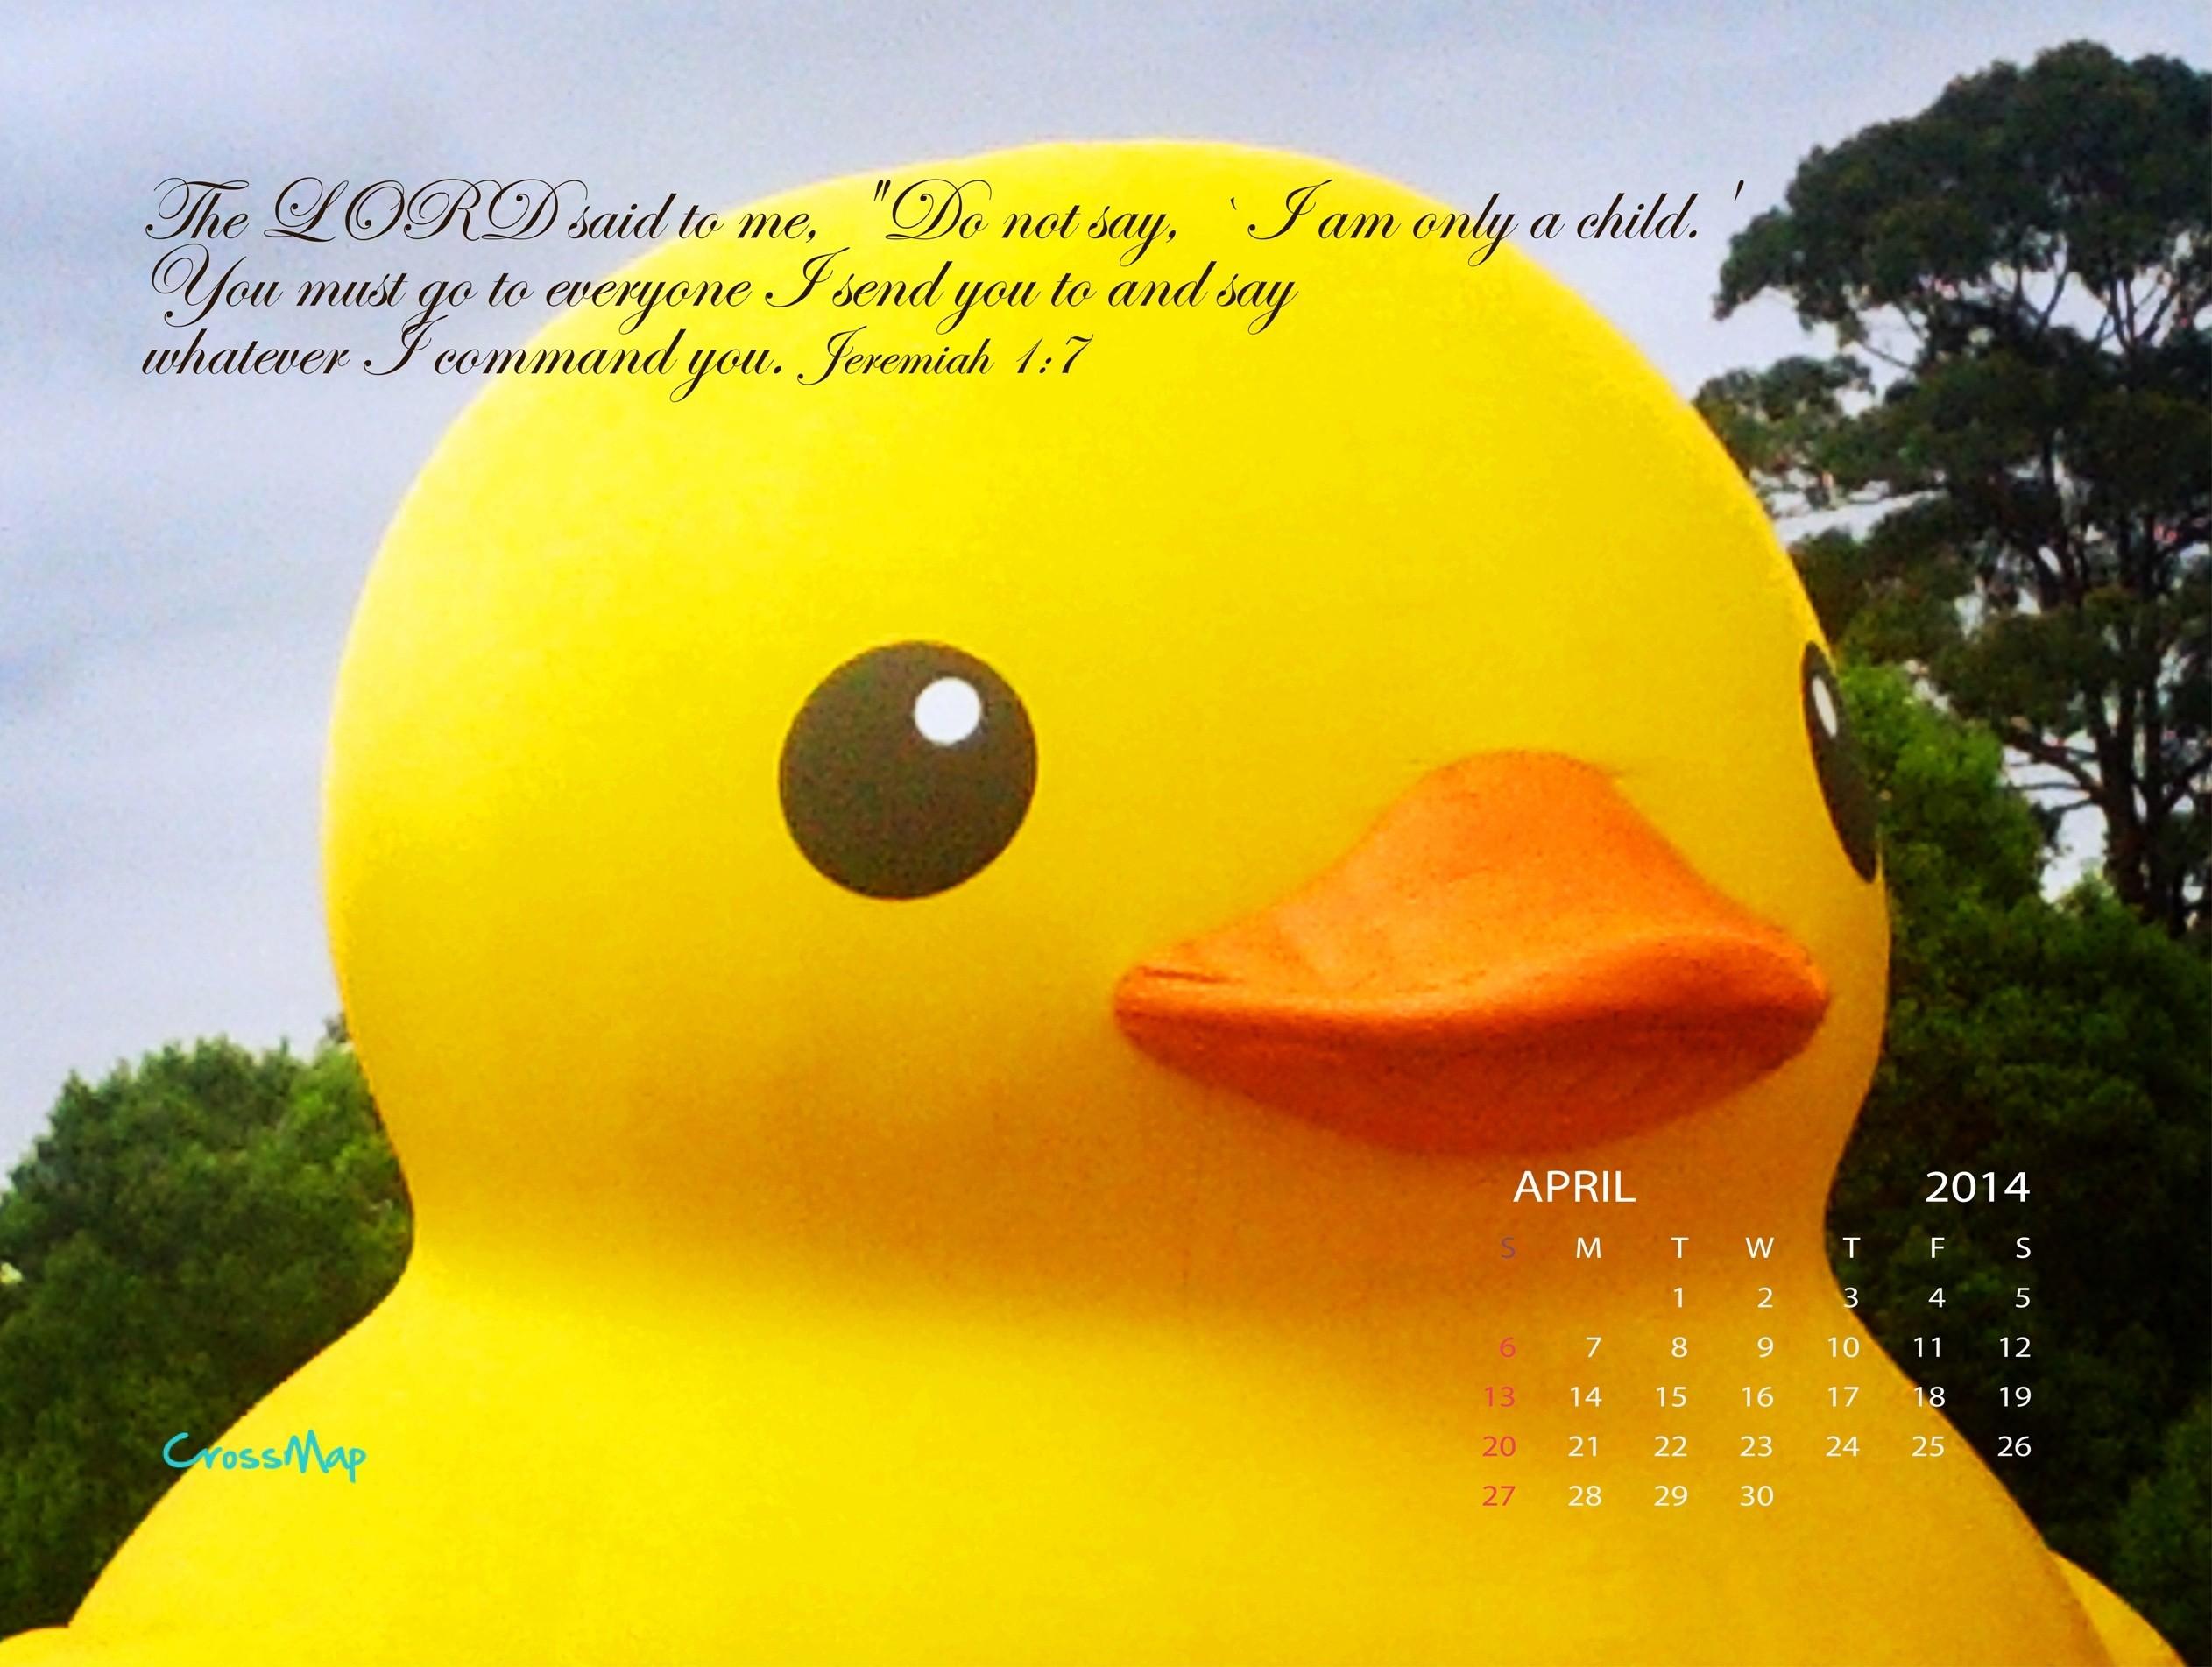 Yellow Rubber Duck 2014 Calendar Wallpaper – April